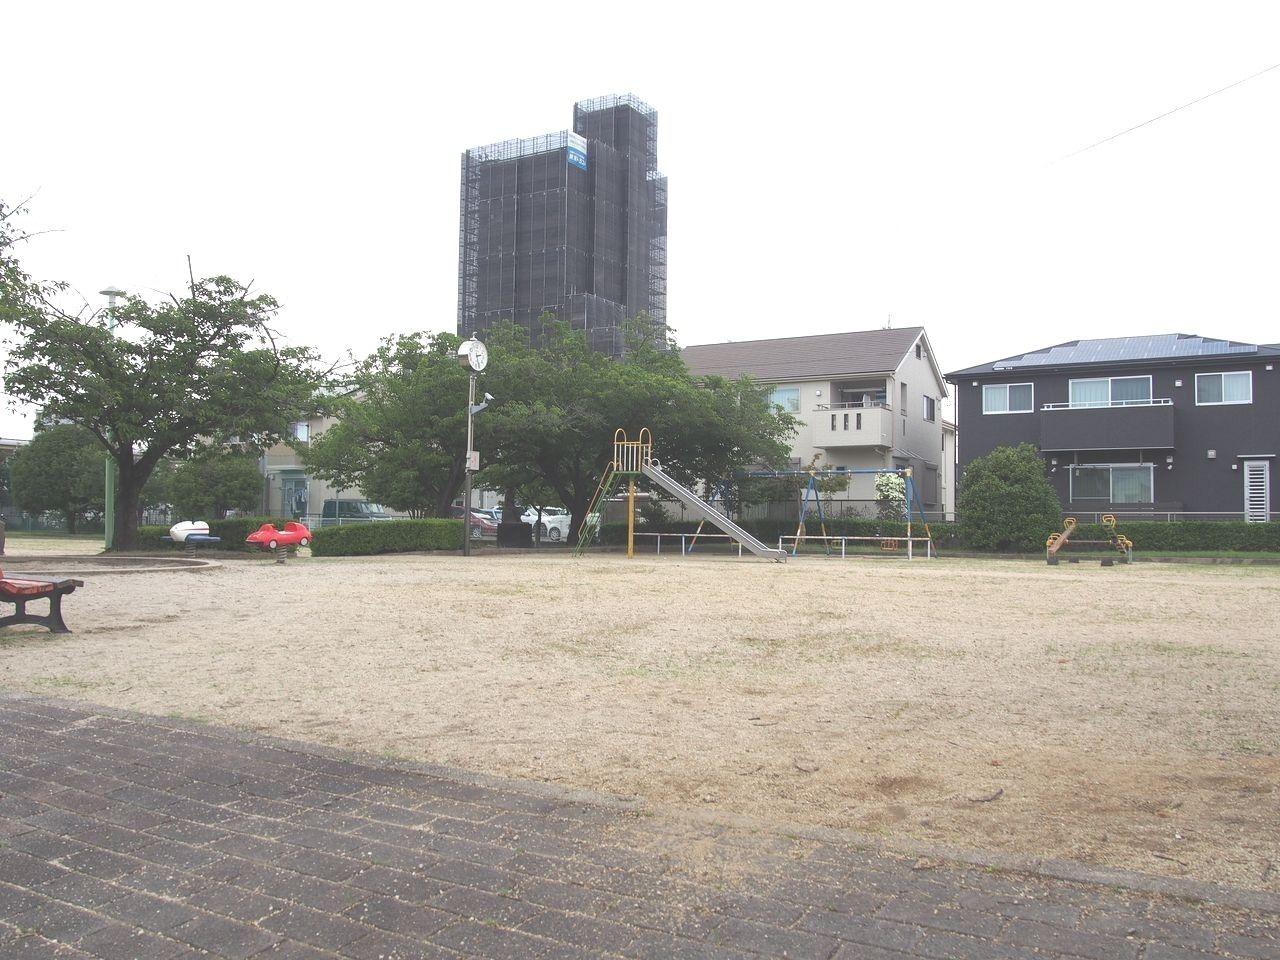 ジェイテクト体育館の東側にある池田公園は貯水池の役目を担っている公園です。球技ができる広場や遊具が揃っているため、幅広い年齢層が遊べます。防犯カメラあり。刈谷市は交差点や公園などに防犯カメラを積極的に導入して犯罪を抑止し、町の安全性向上の成果を上げています